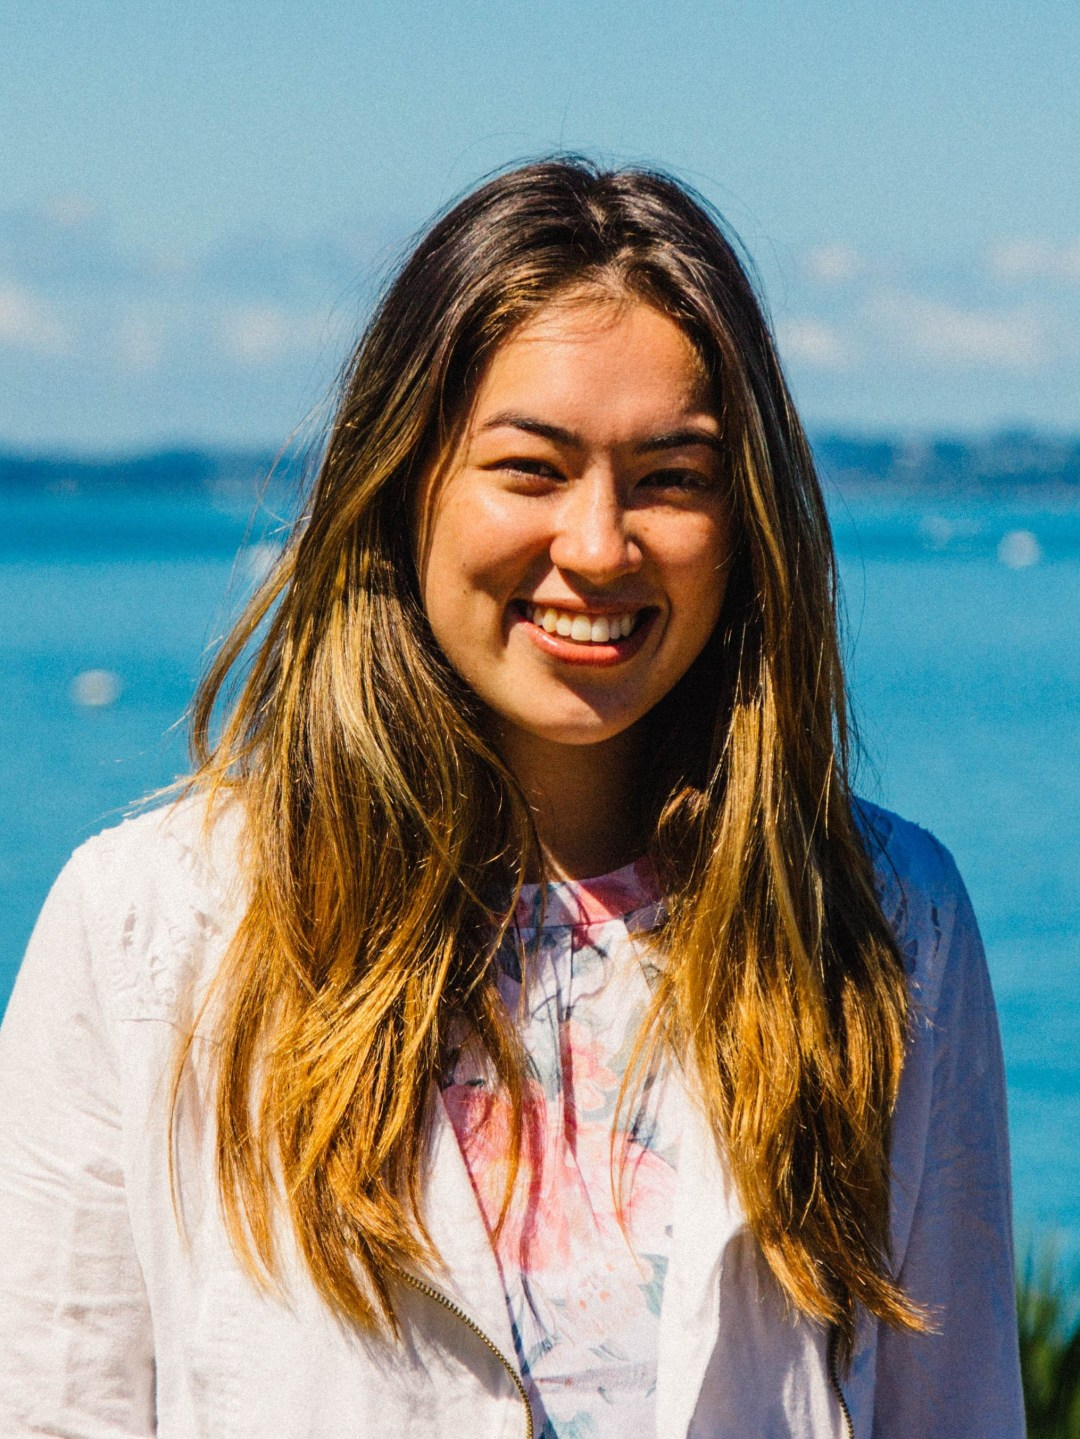 Jade Beckmann